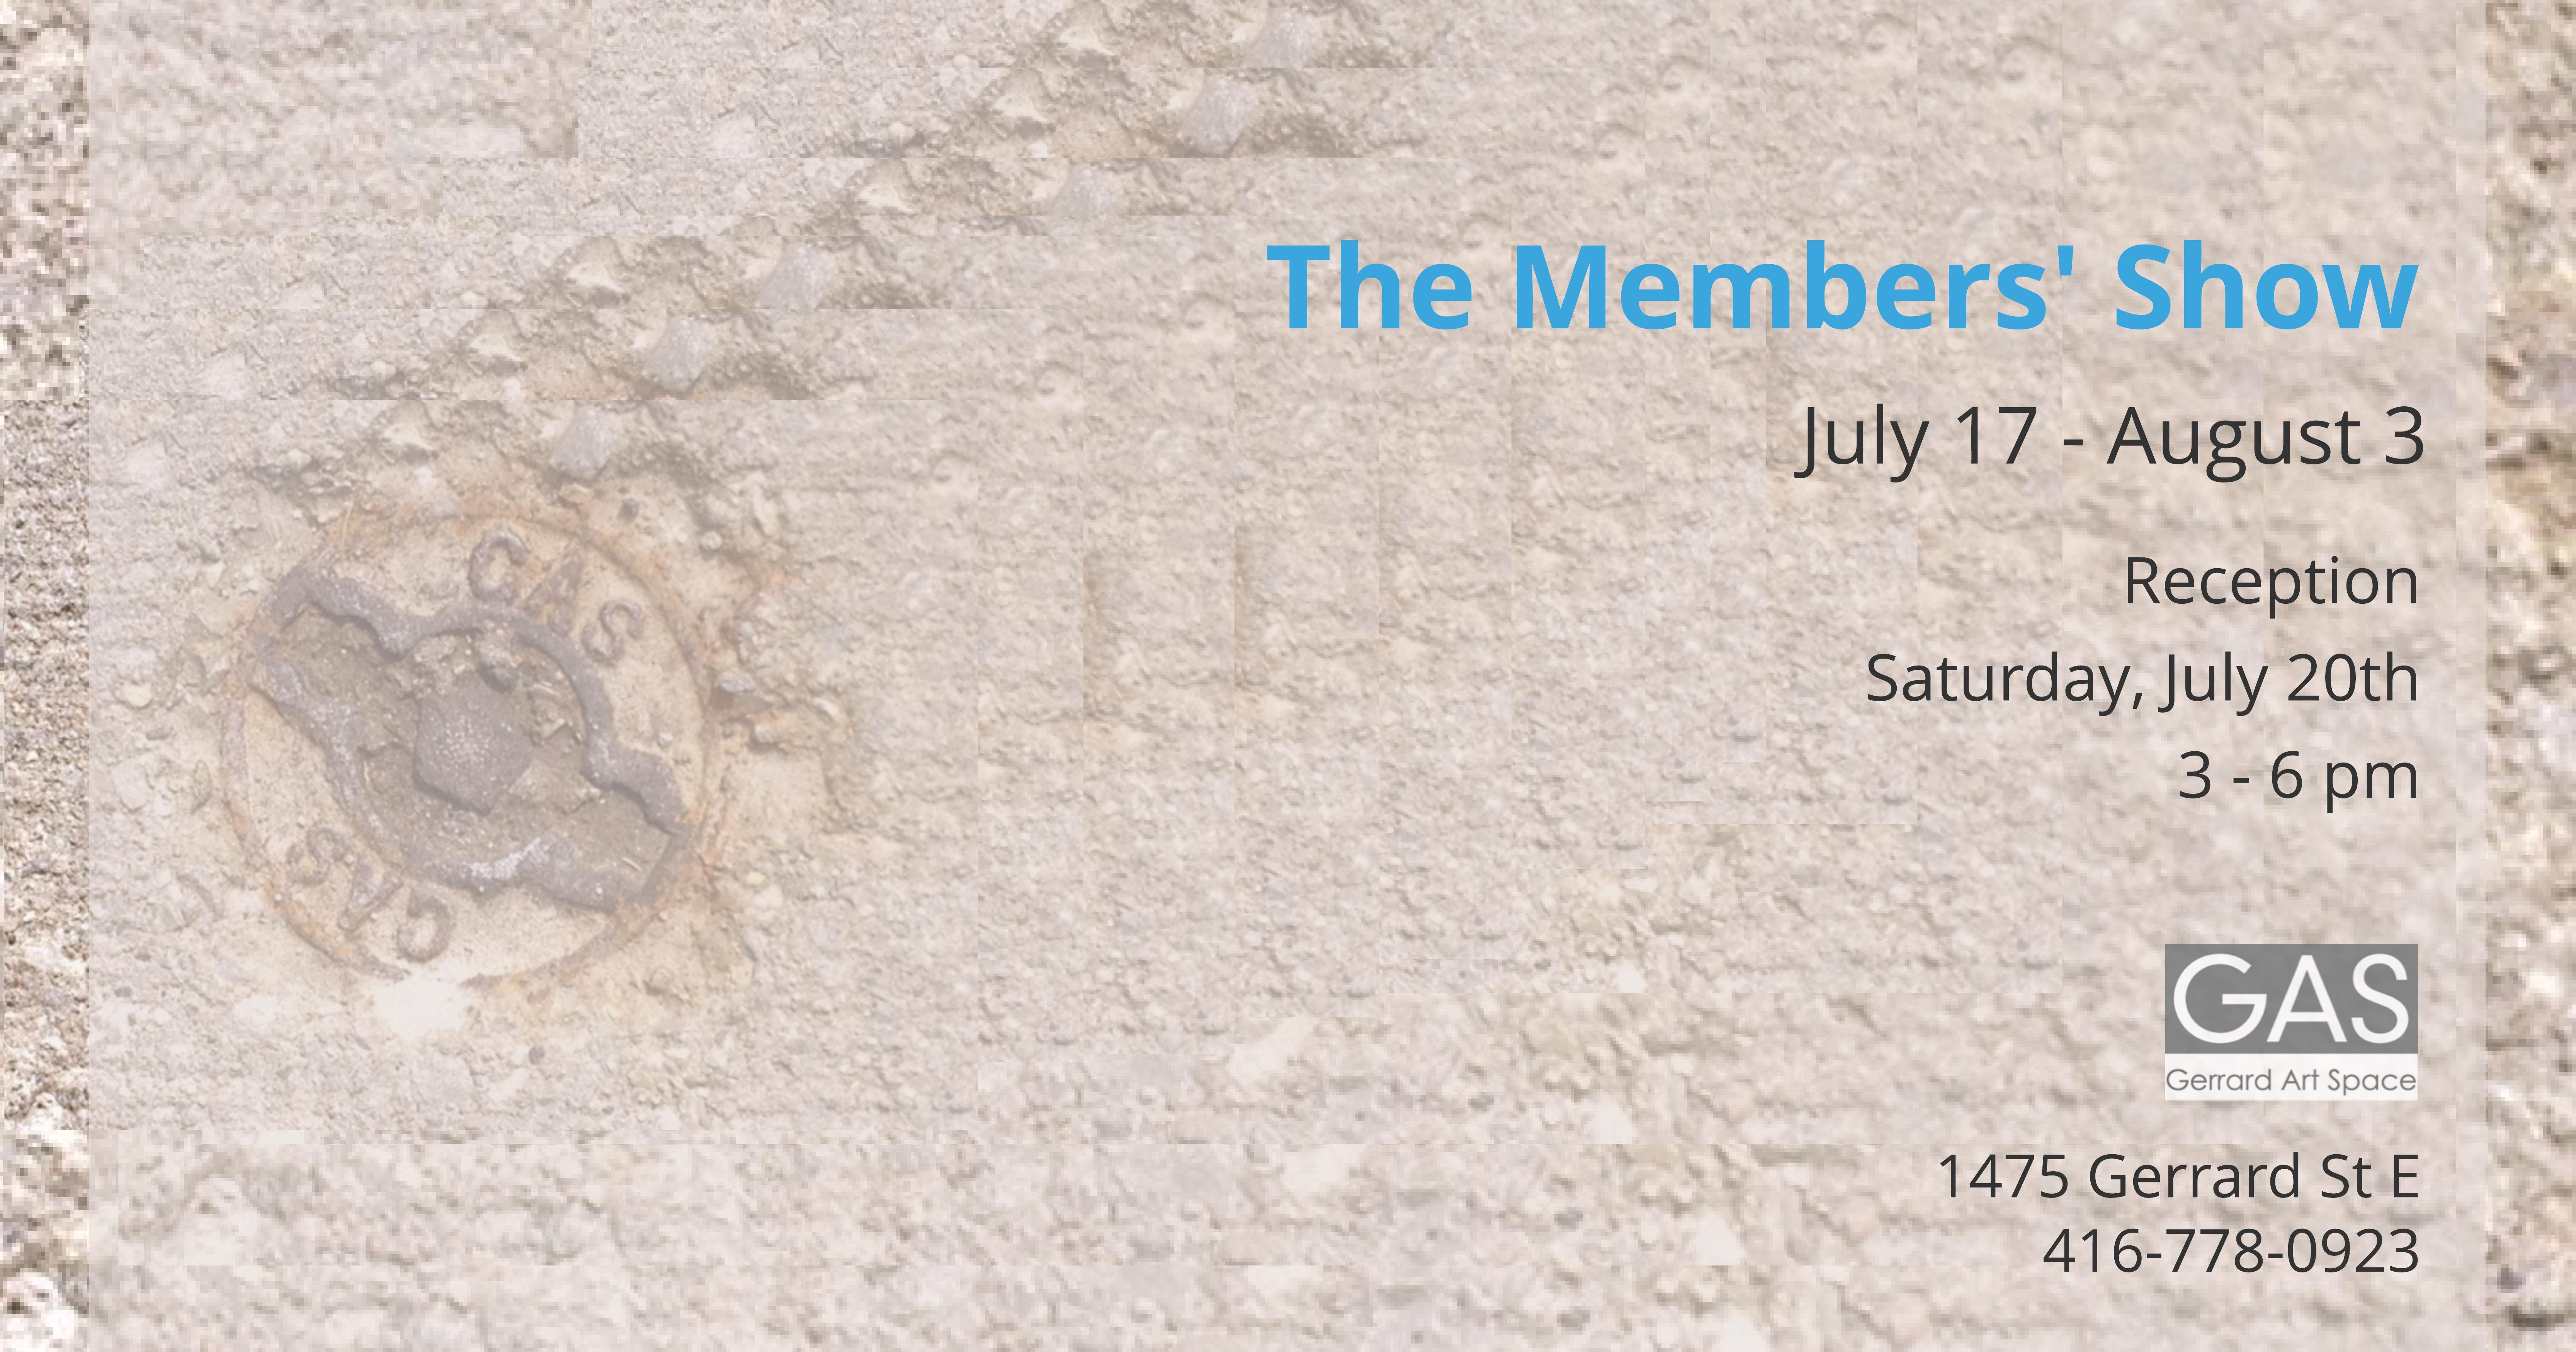 GAS Members' Poster 2019